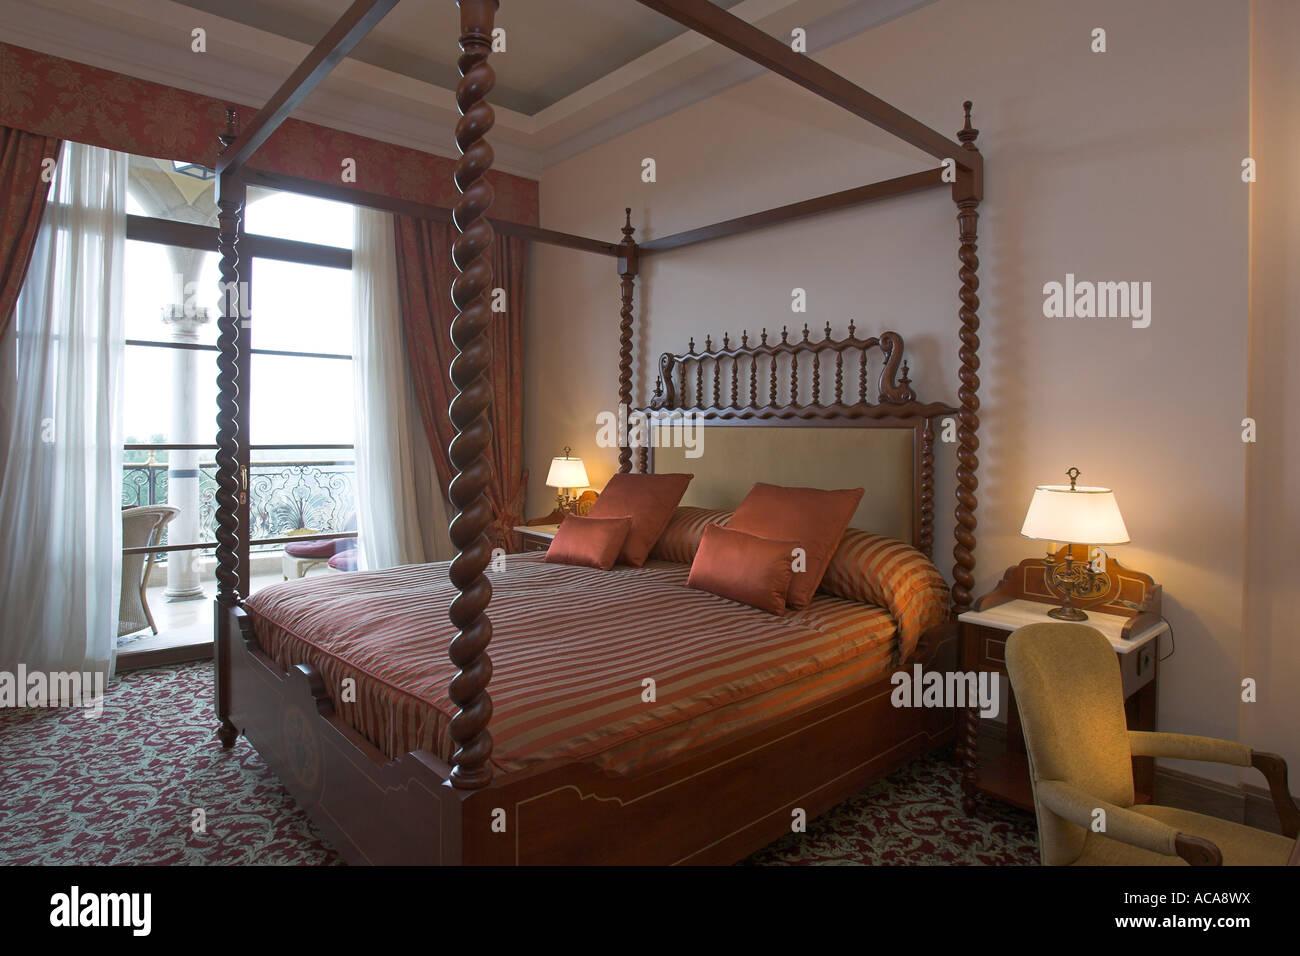 Camere Con Letto A Baldacchino : Camere d albergo con letto a baldacchino immagini camere d